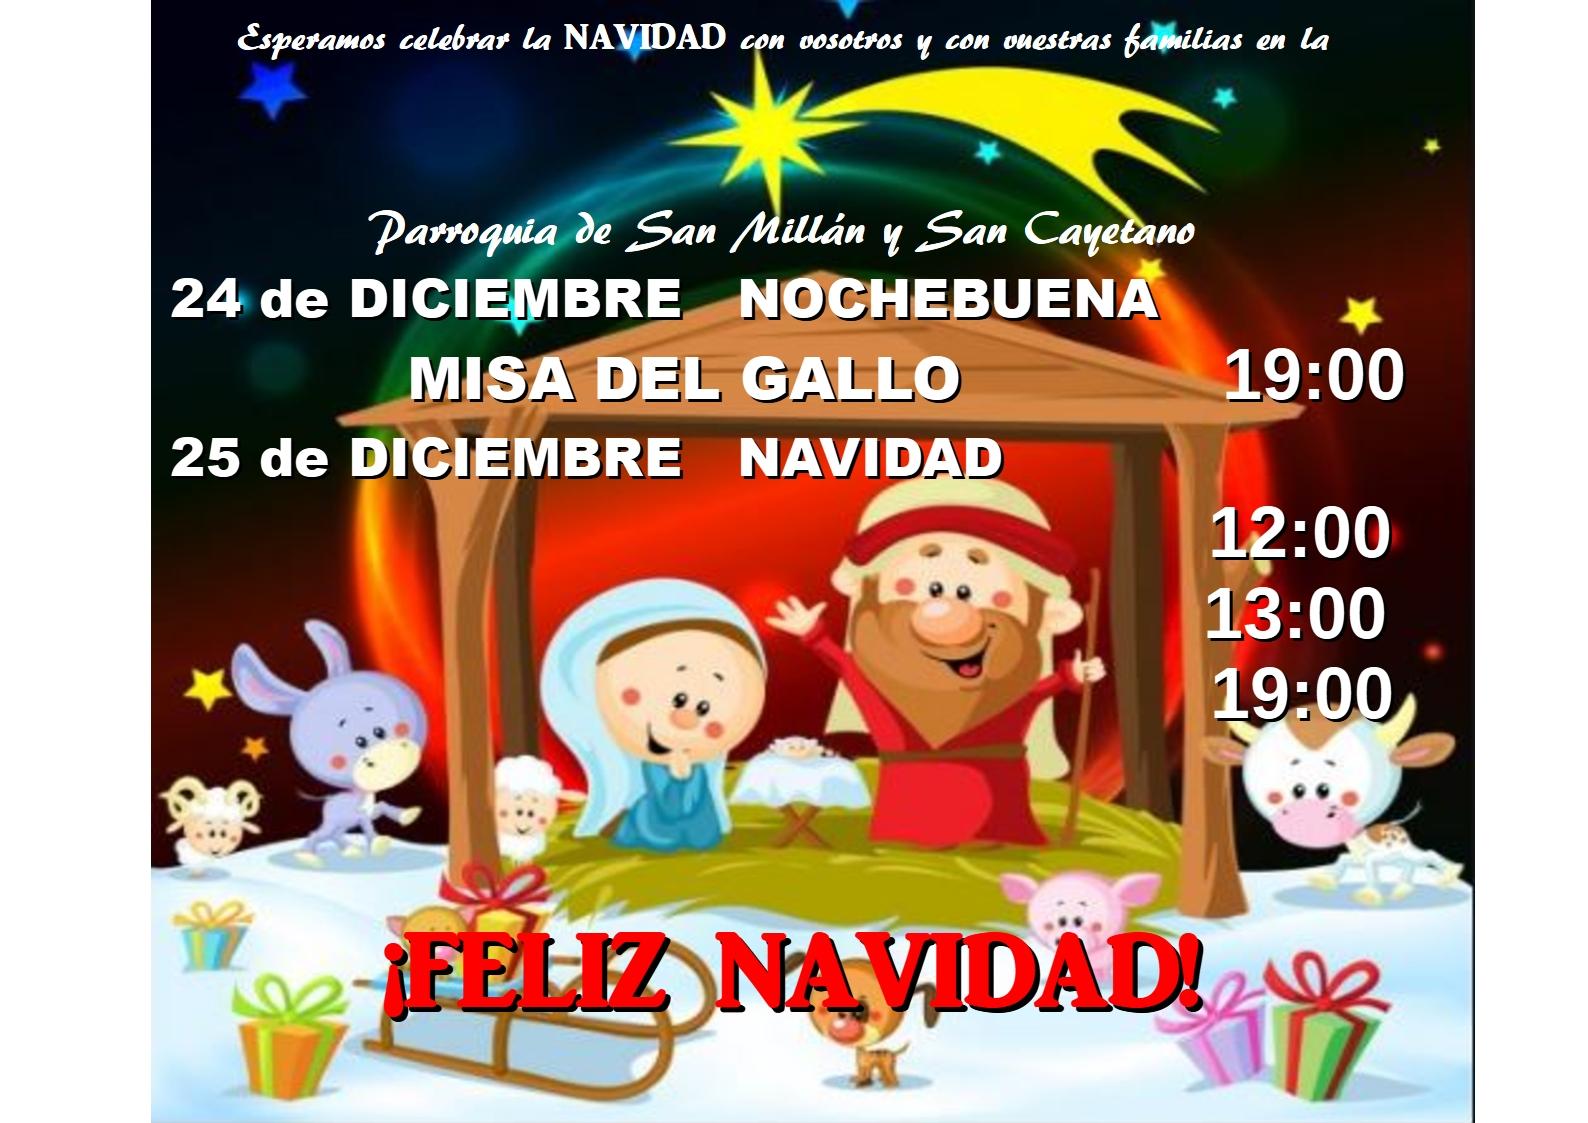 PMillanCayetano-actos-liturgicos-Navidad